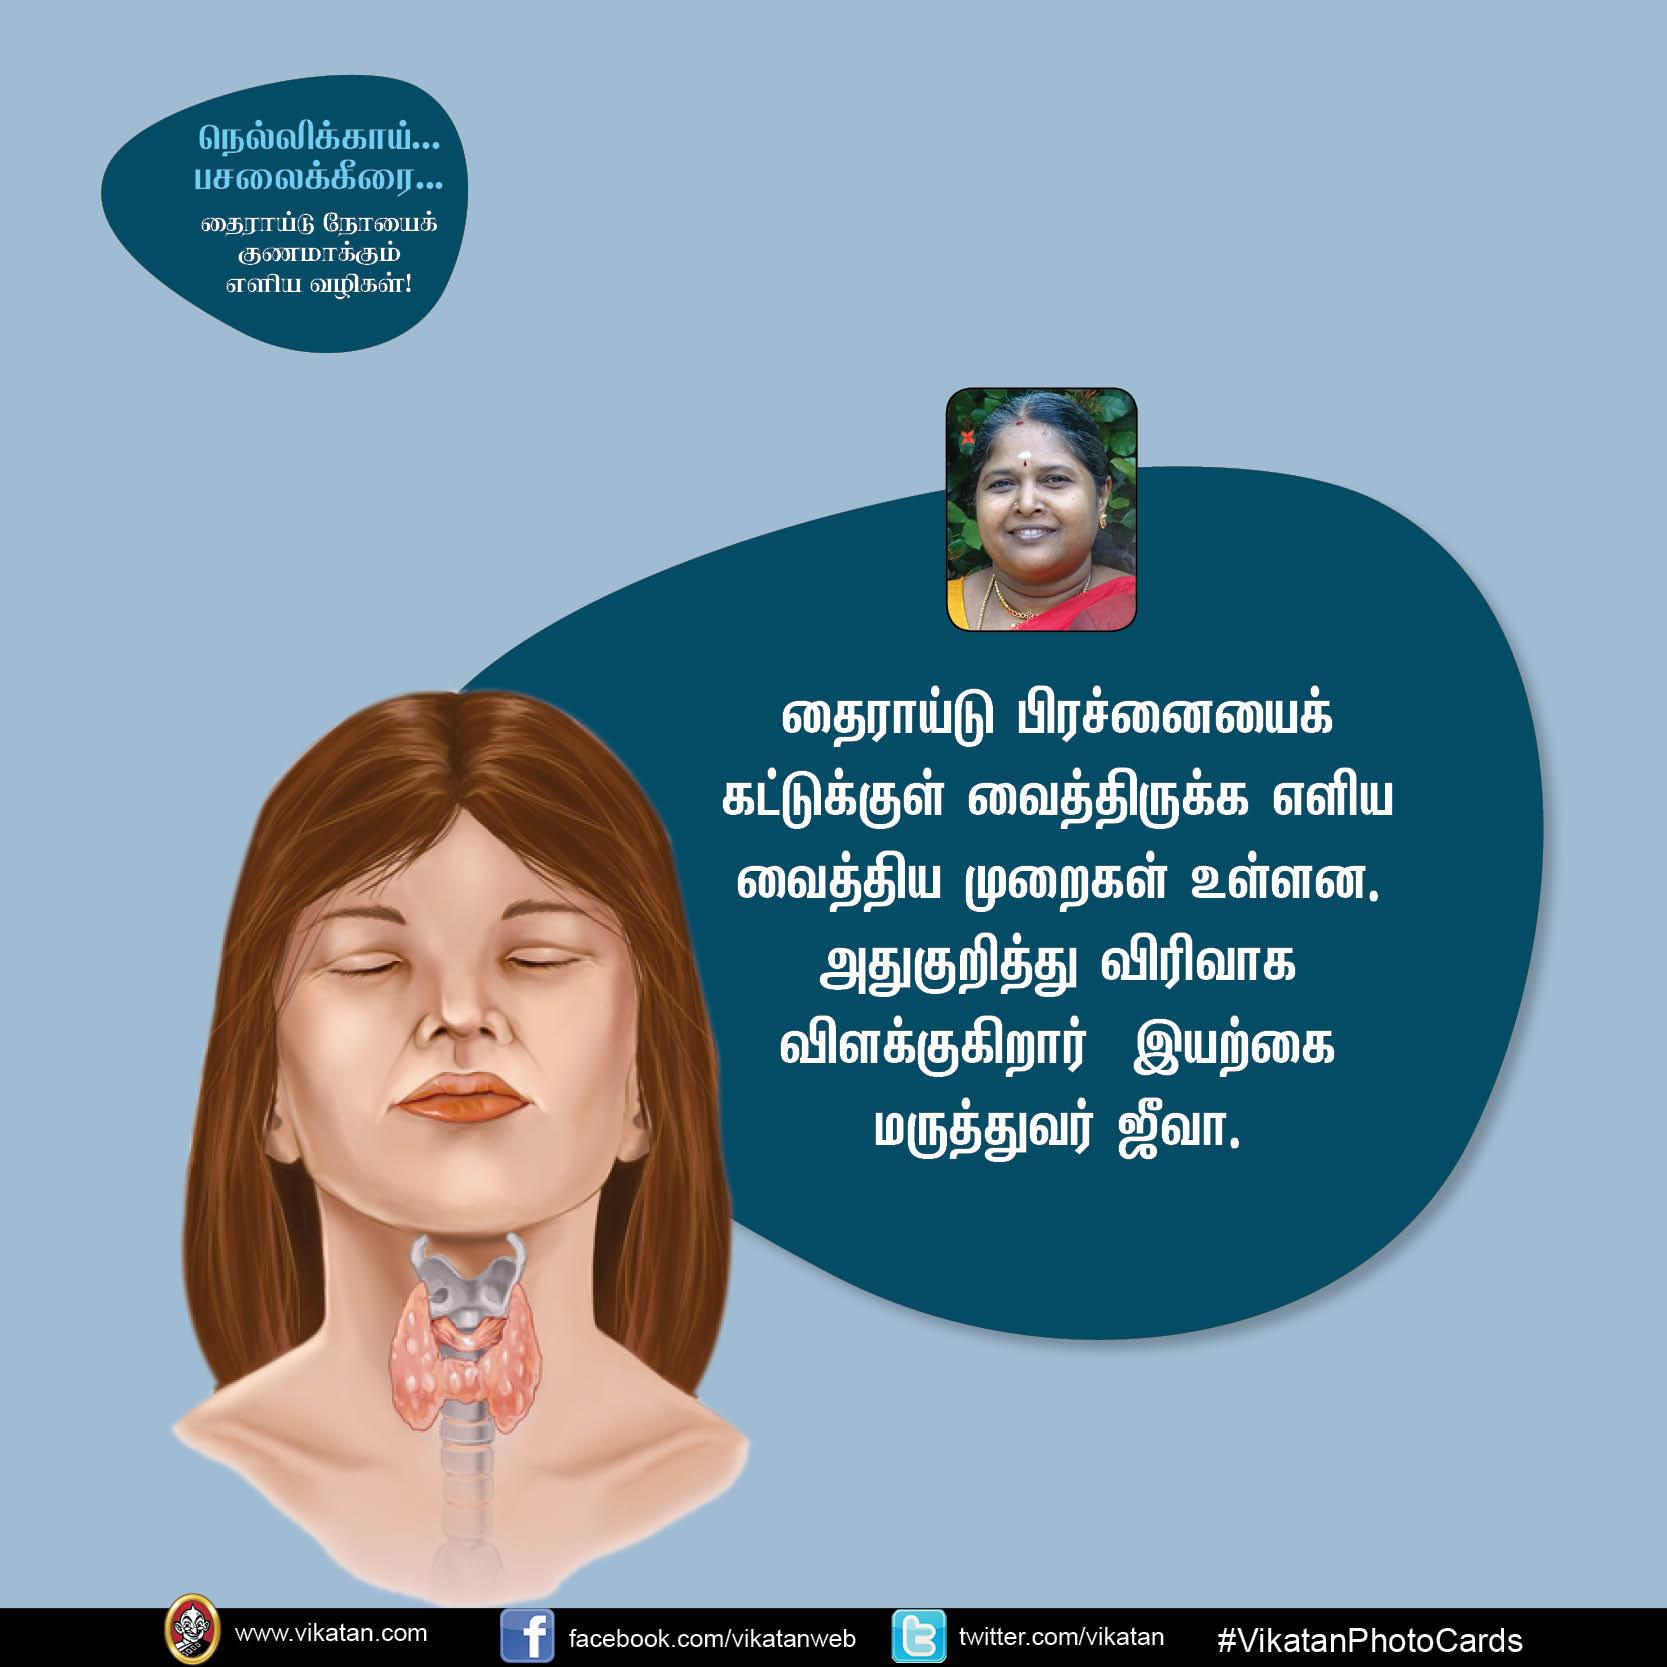 நெல்லிக்காய், பசலைக்கீரை... தைராய்டு நோயை குணமாக்கும் எளிய வழிகள்! #VikatanPhotoCards